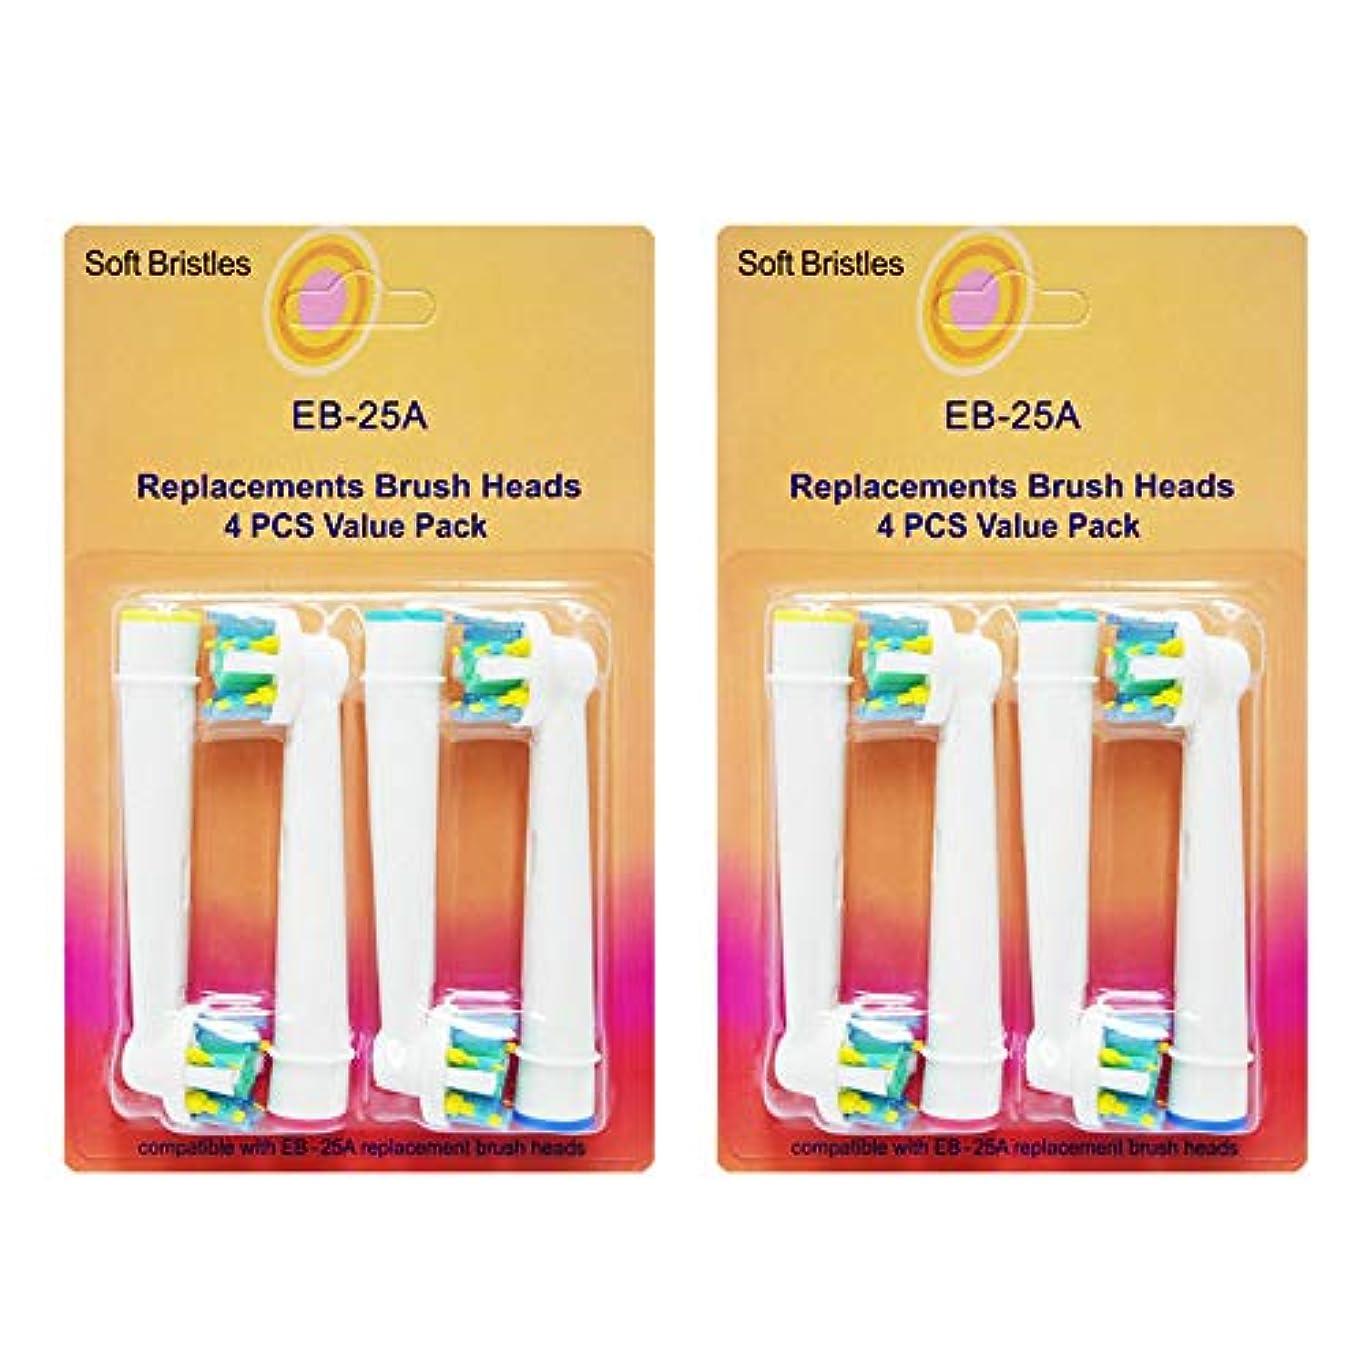 チャーター谷おとこブラウン BRAUN オーラルB 対応 歯間ワイパー付ブラシ 互換 ブラシ 相当品 歯ブラシ 互換ブラシ (2セット合計8本(4本1セット×2)) アーモロート(amaurot) EB25 EB-25 eb25 eb-25